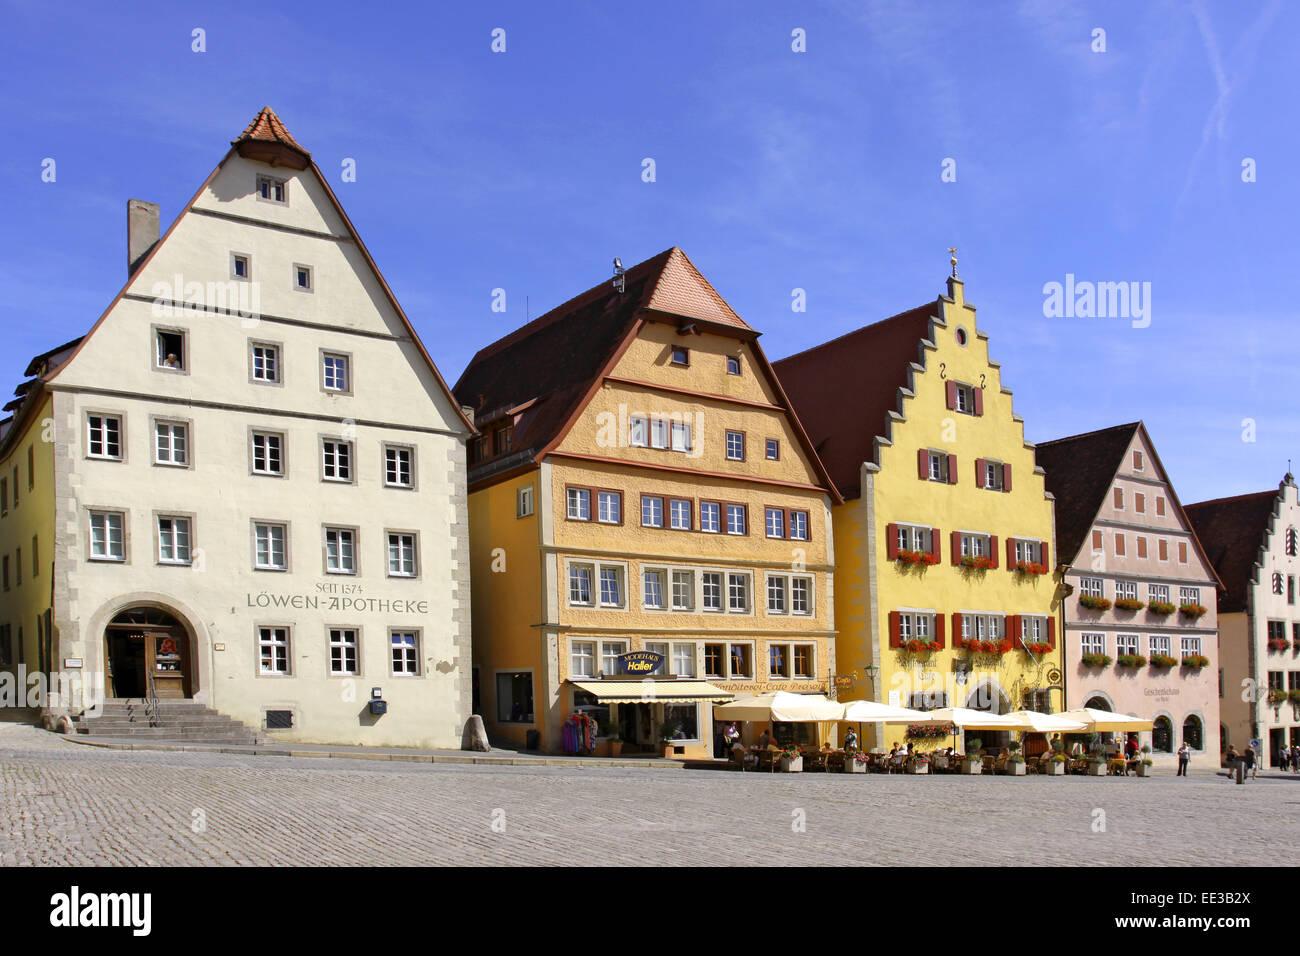 Deutschland, Bayern, Rothenburg ob der Tauber, Marktplatz, Altstadt, Stadtmitte, Haeuser, Fassade, Fassaden, Touristen, - Stock Image